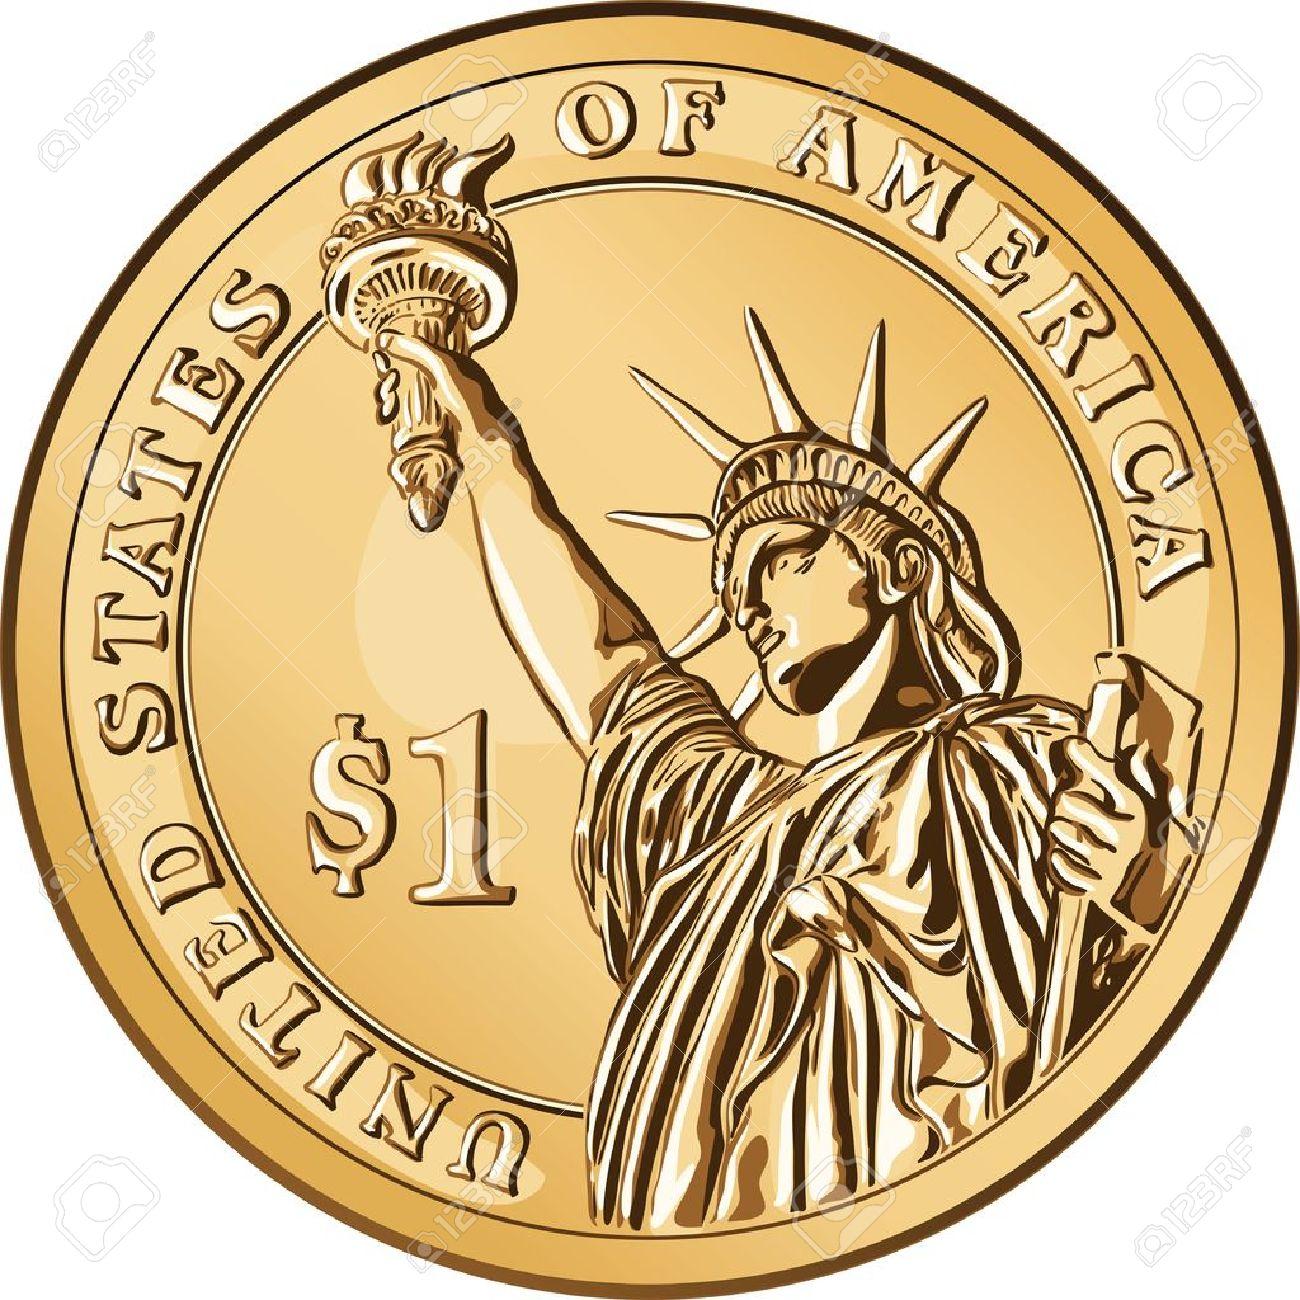 Amerikanisches Geld Ein Dollar Münze Mit Dem Bild Der Statue Of